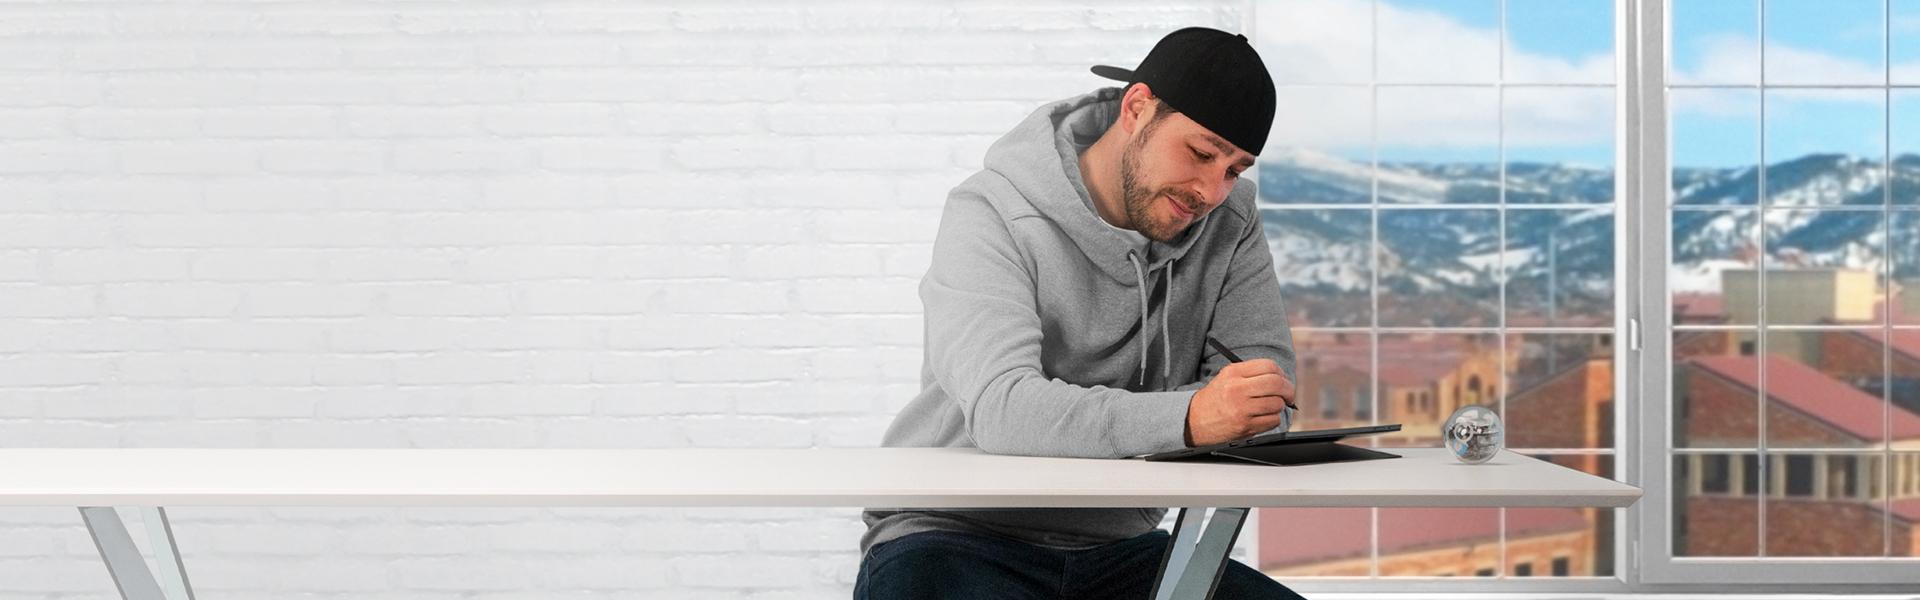 Hombre sonriente que trabaja en su escritorio con Surface.